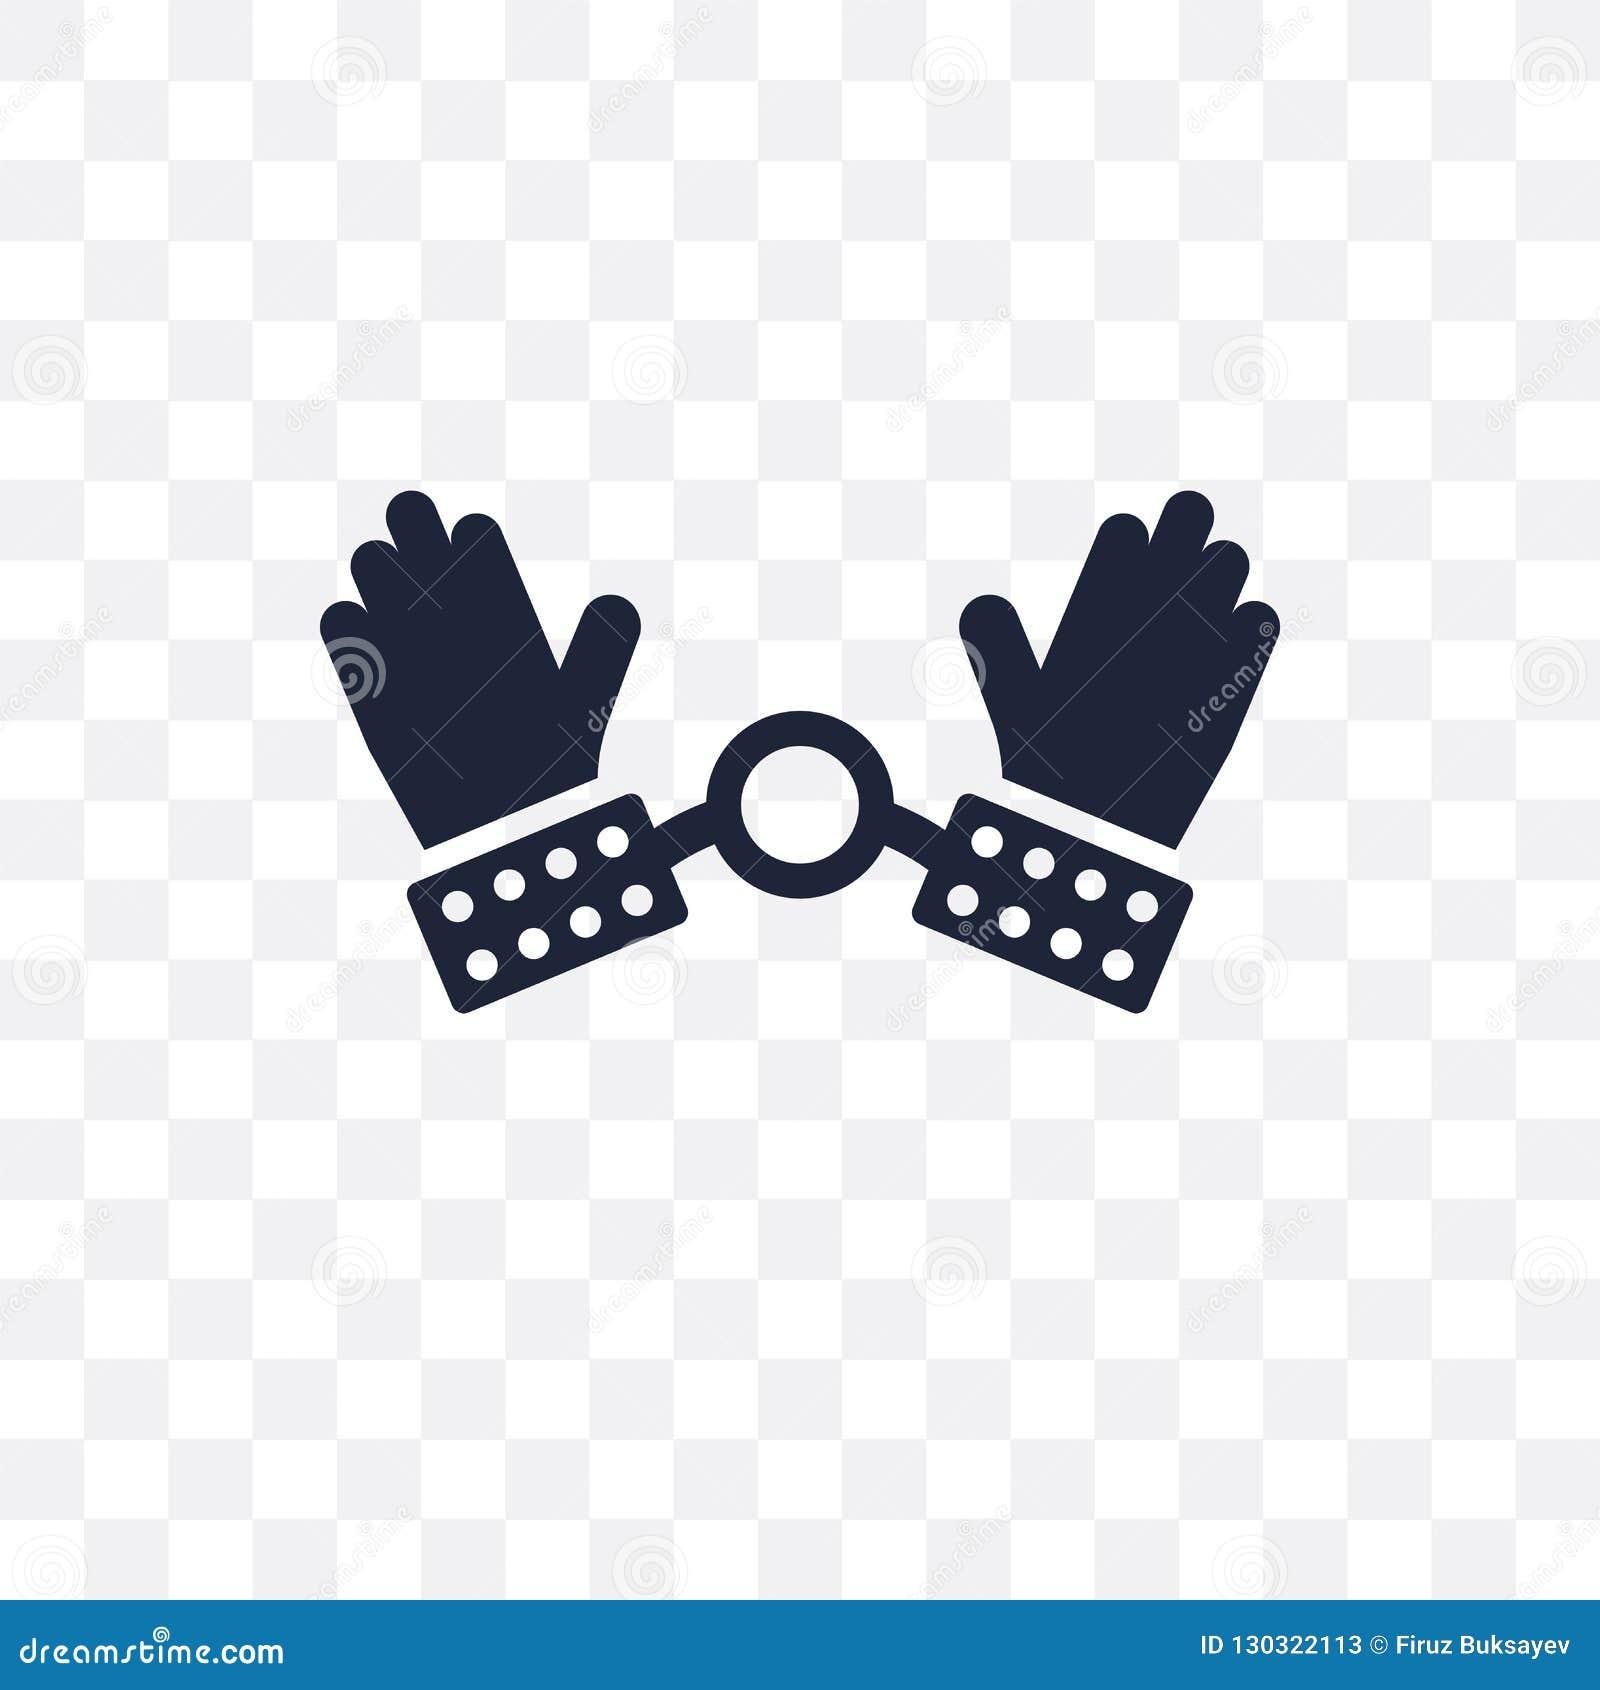 Διαφανές εικονίδιο σκλαβιάς Σχέδιο συμβόλων σκλαβιάς από το πολιτικό γ